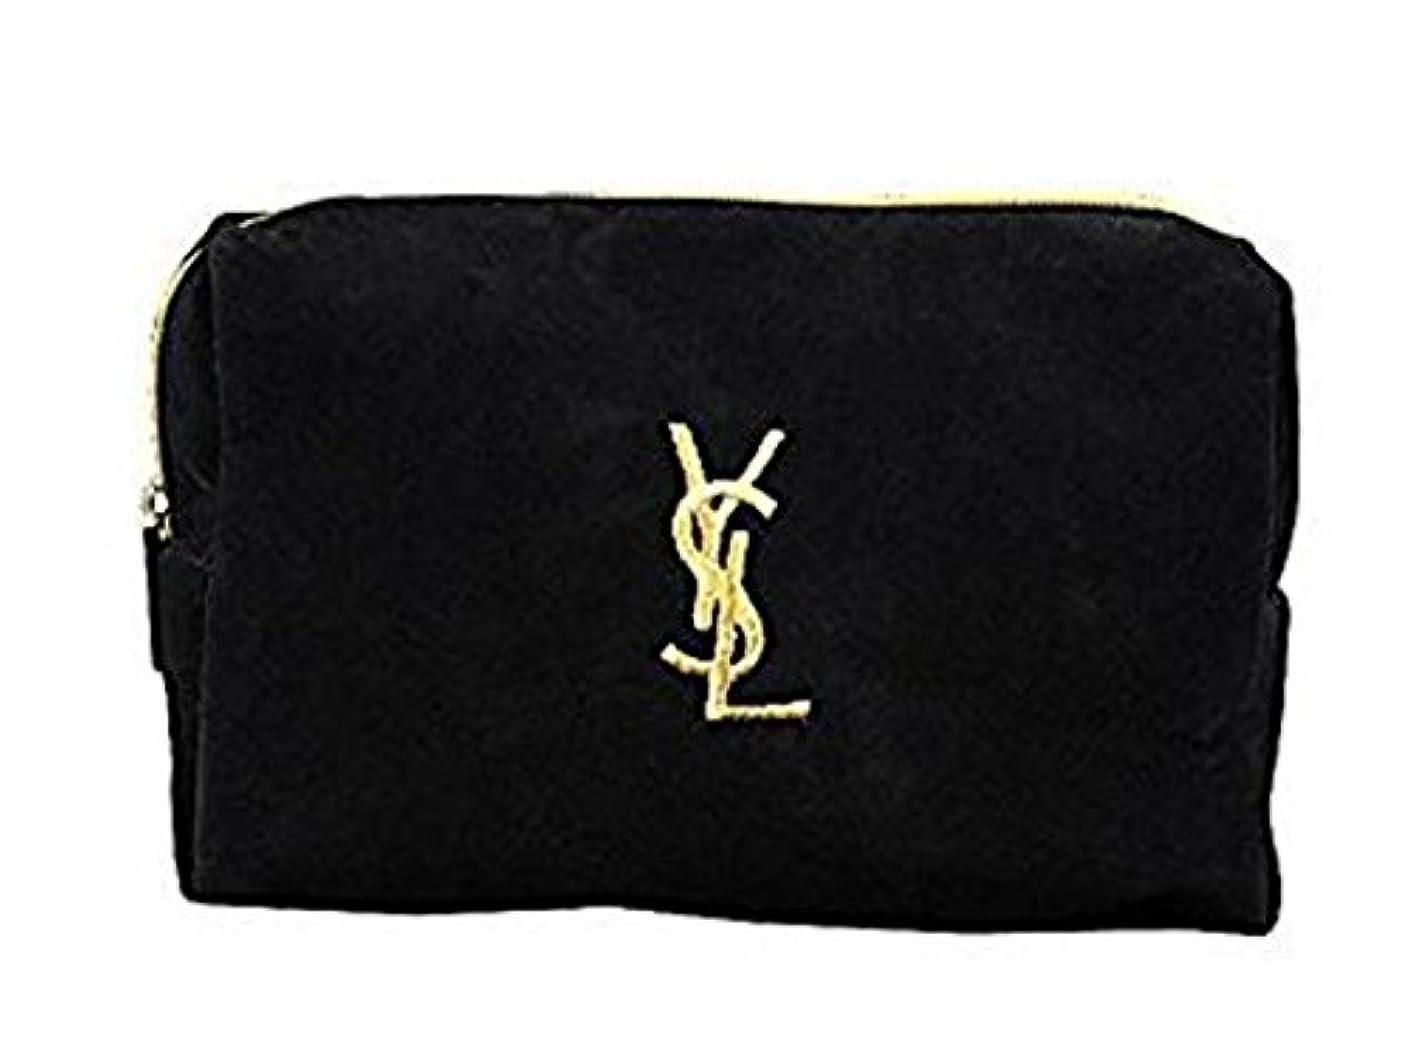 フォーマット滅びる言い訳イヴ サンローラン Yves saint Laurent ポーチ 小物入れ ロゴ イエロ ブラック 化粧ポーチ 化粧 メイク コスメ アイシャドー ブラシ1本 付き